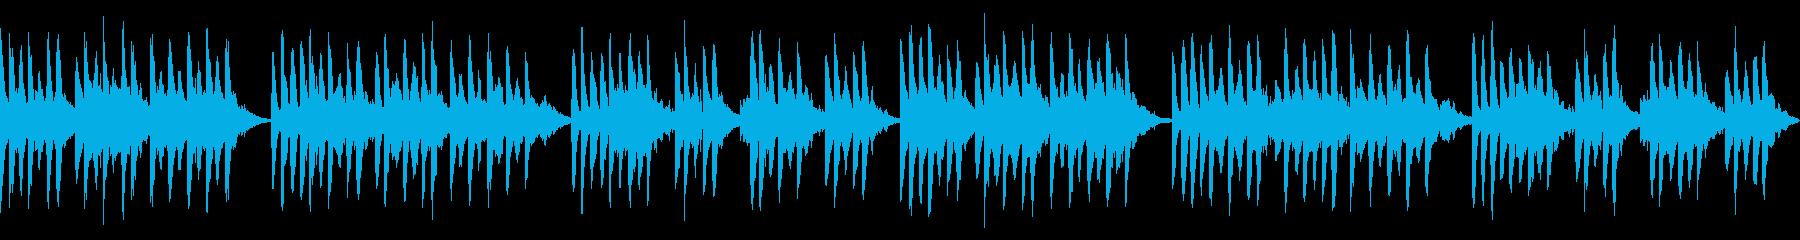 ダークでポップでゆったりと柔らかい曲の再生済みの波形